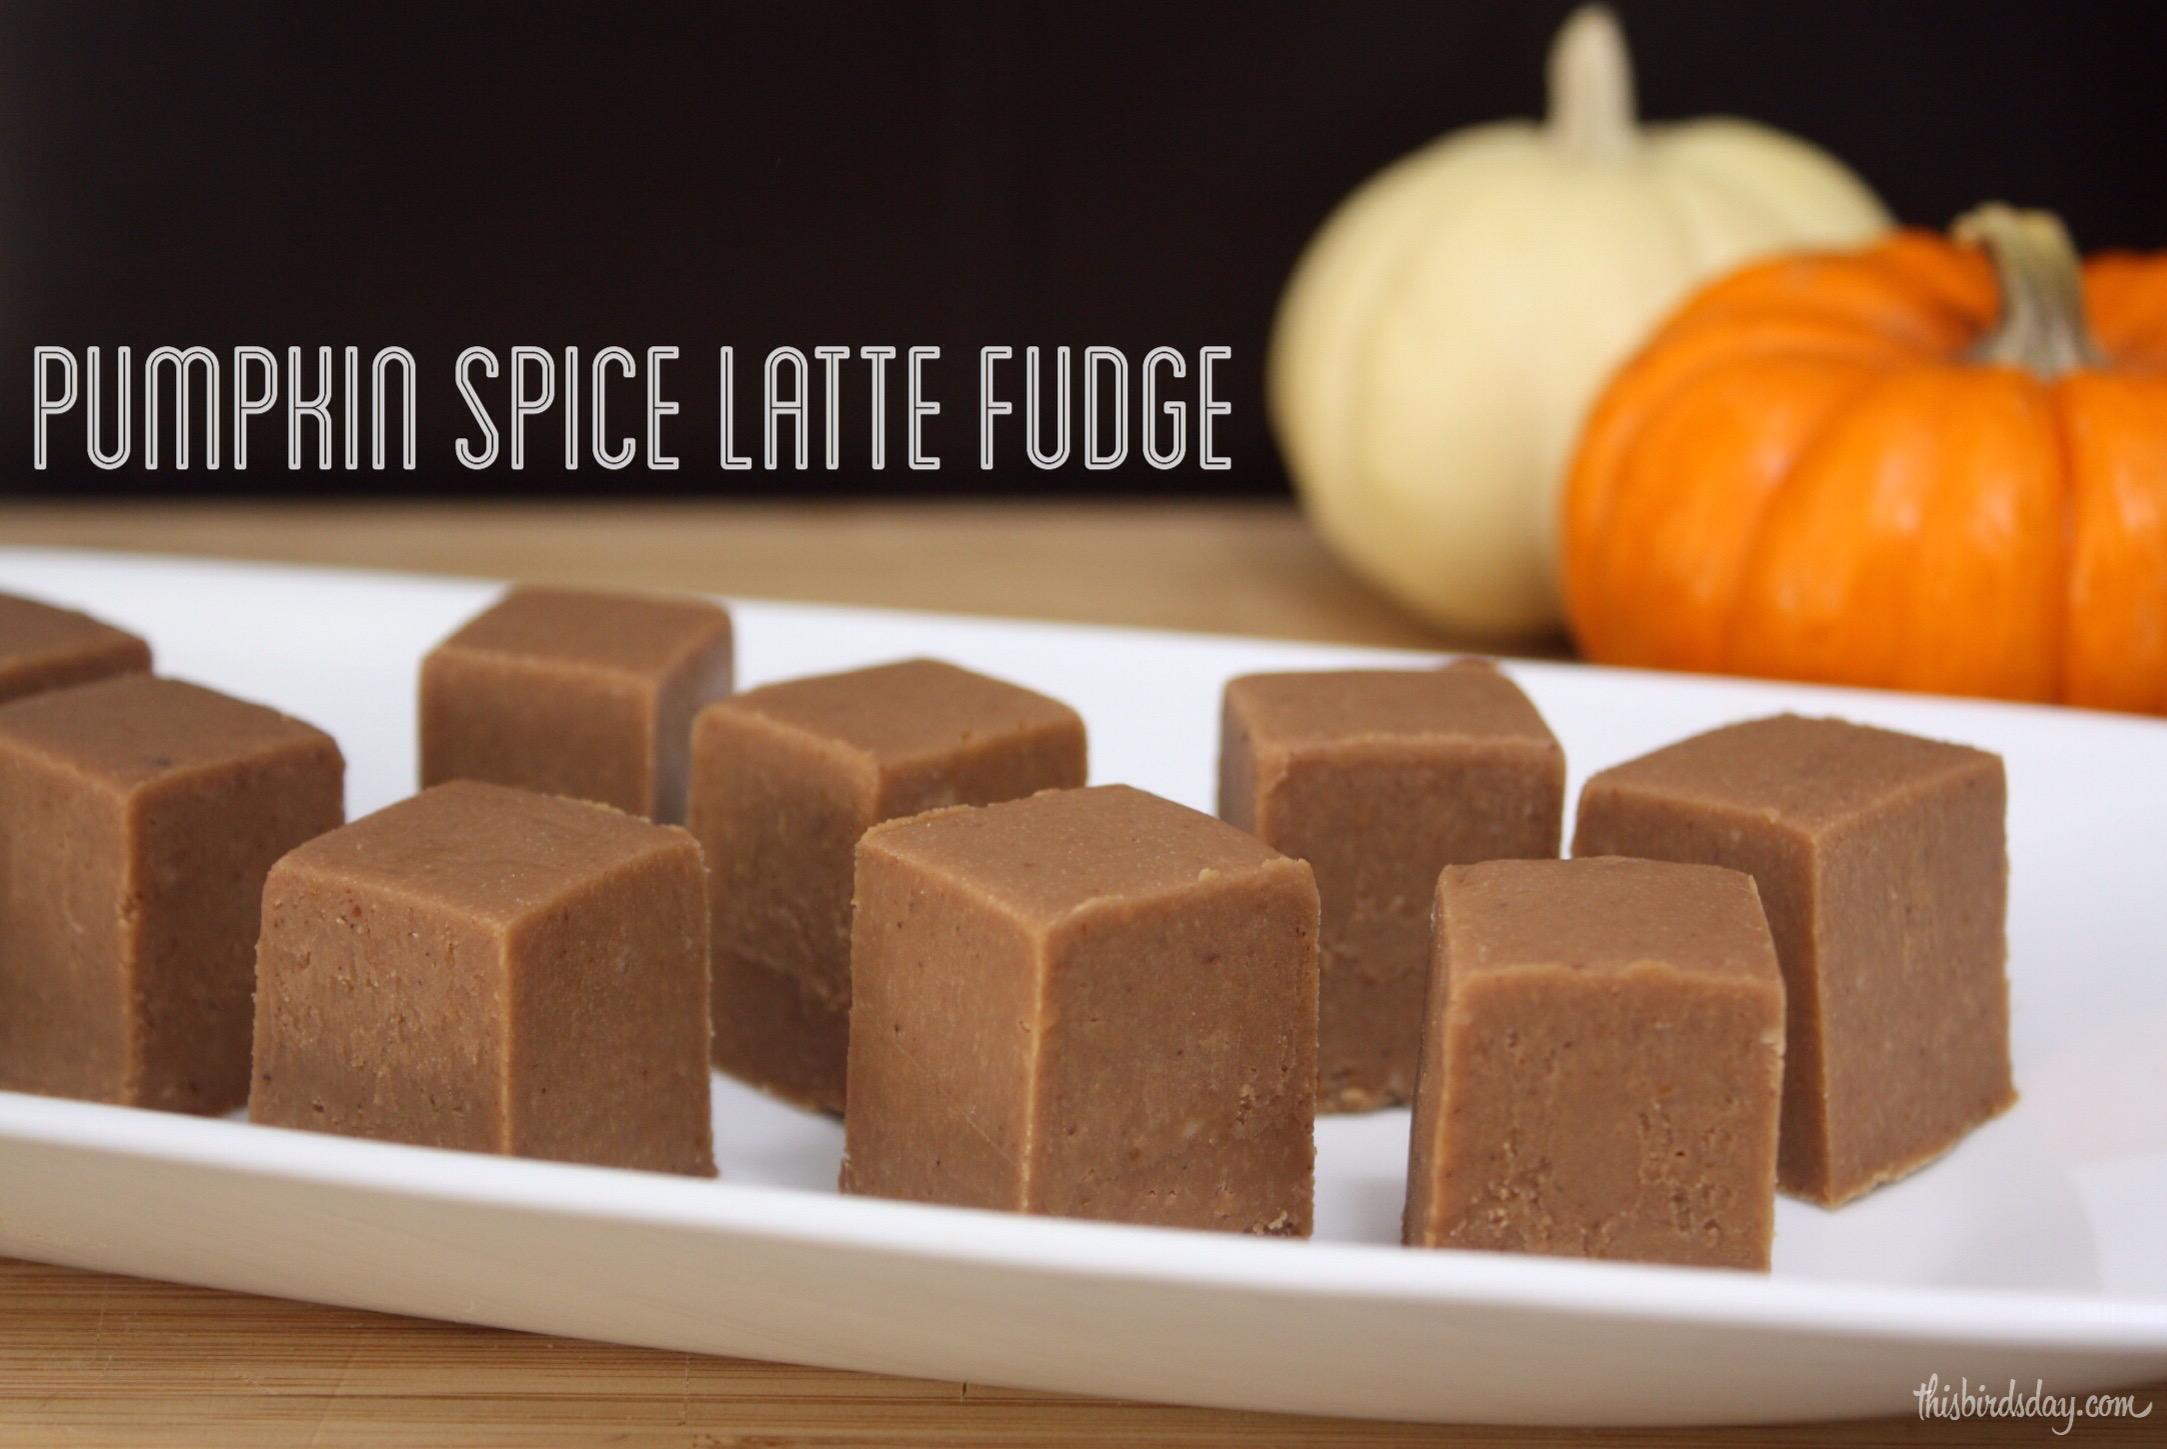 Pumpkin Spice Latte Fudge Recipe